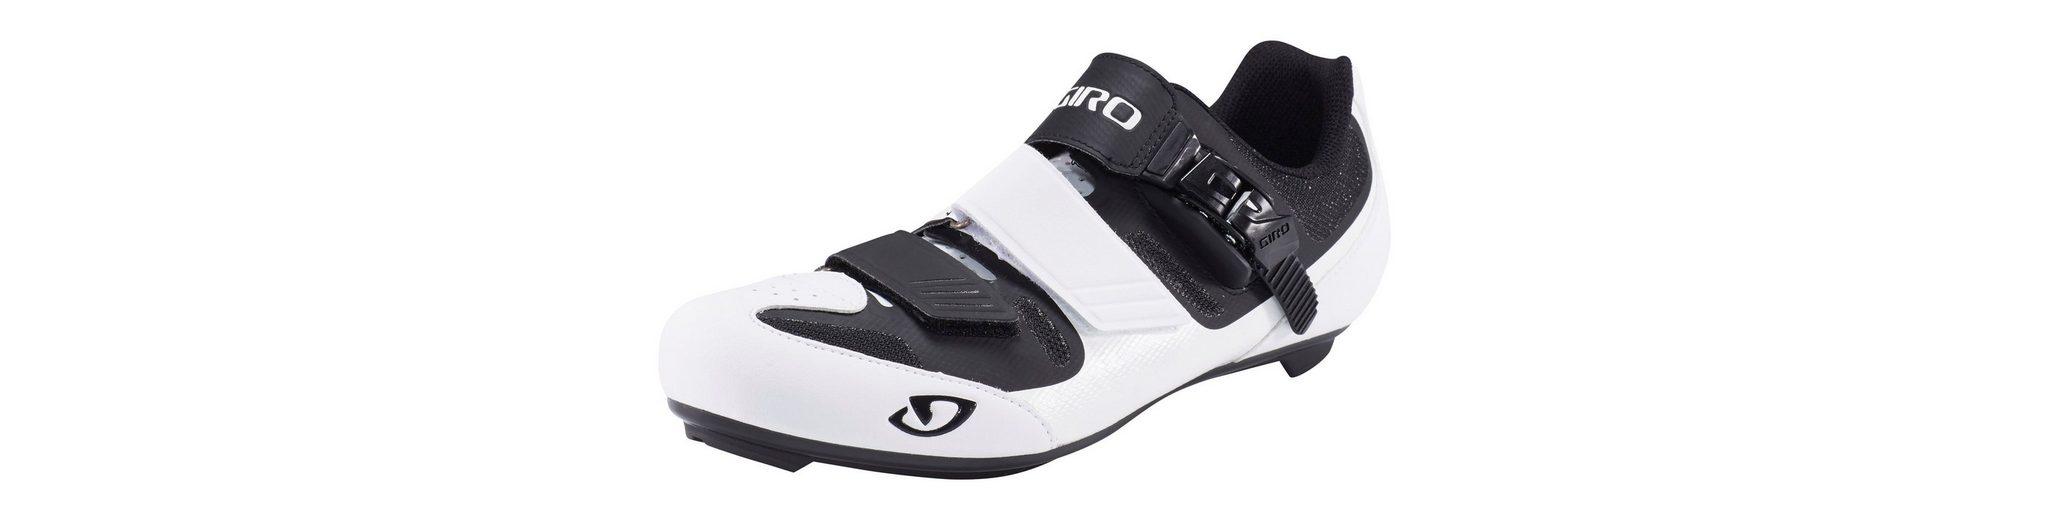 Giro Fahrradschuhe Apeckx II Shoes Men Schnelle Lieferung Spielraum Brandneue Unisex Günstiger Preis Auslass Verkauf Steckdose In Deutschland Großer Verkauf Verkauf Online kj15jFz